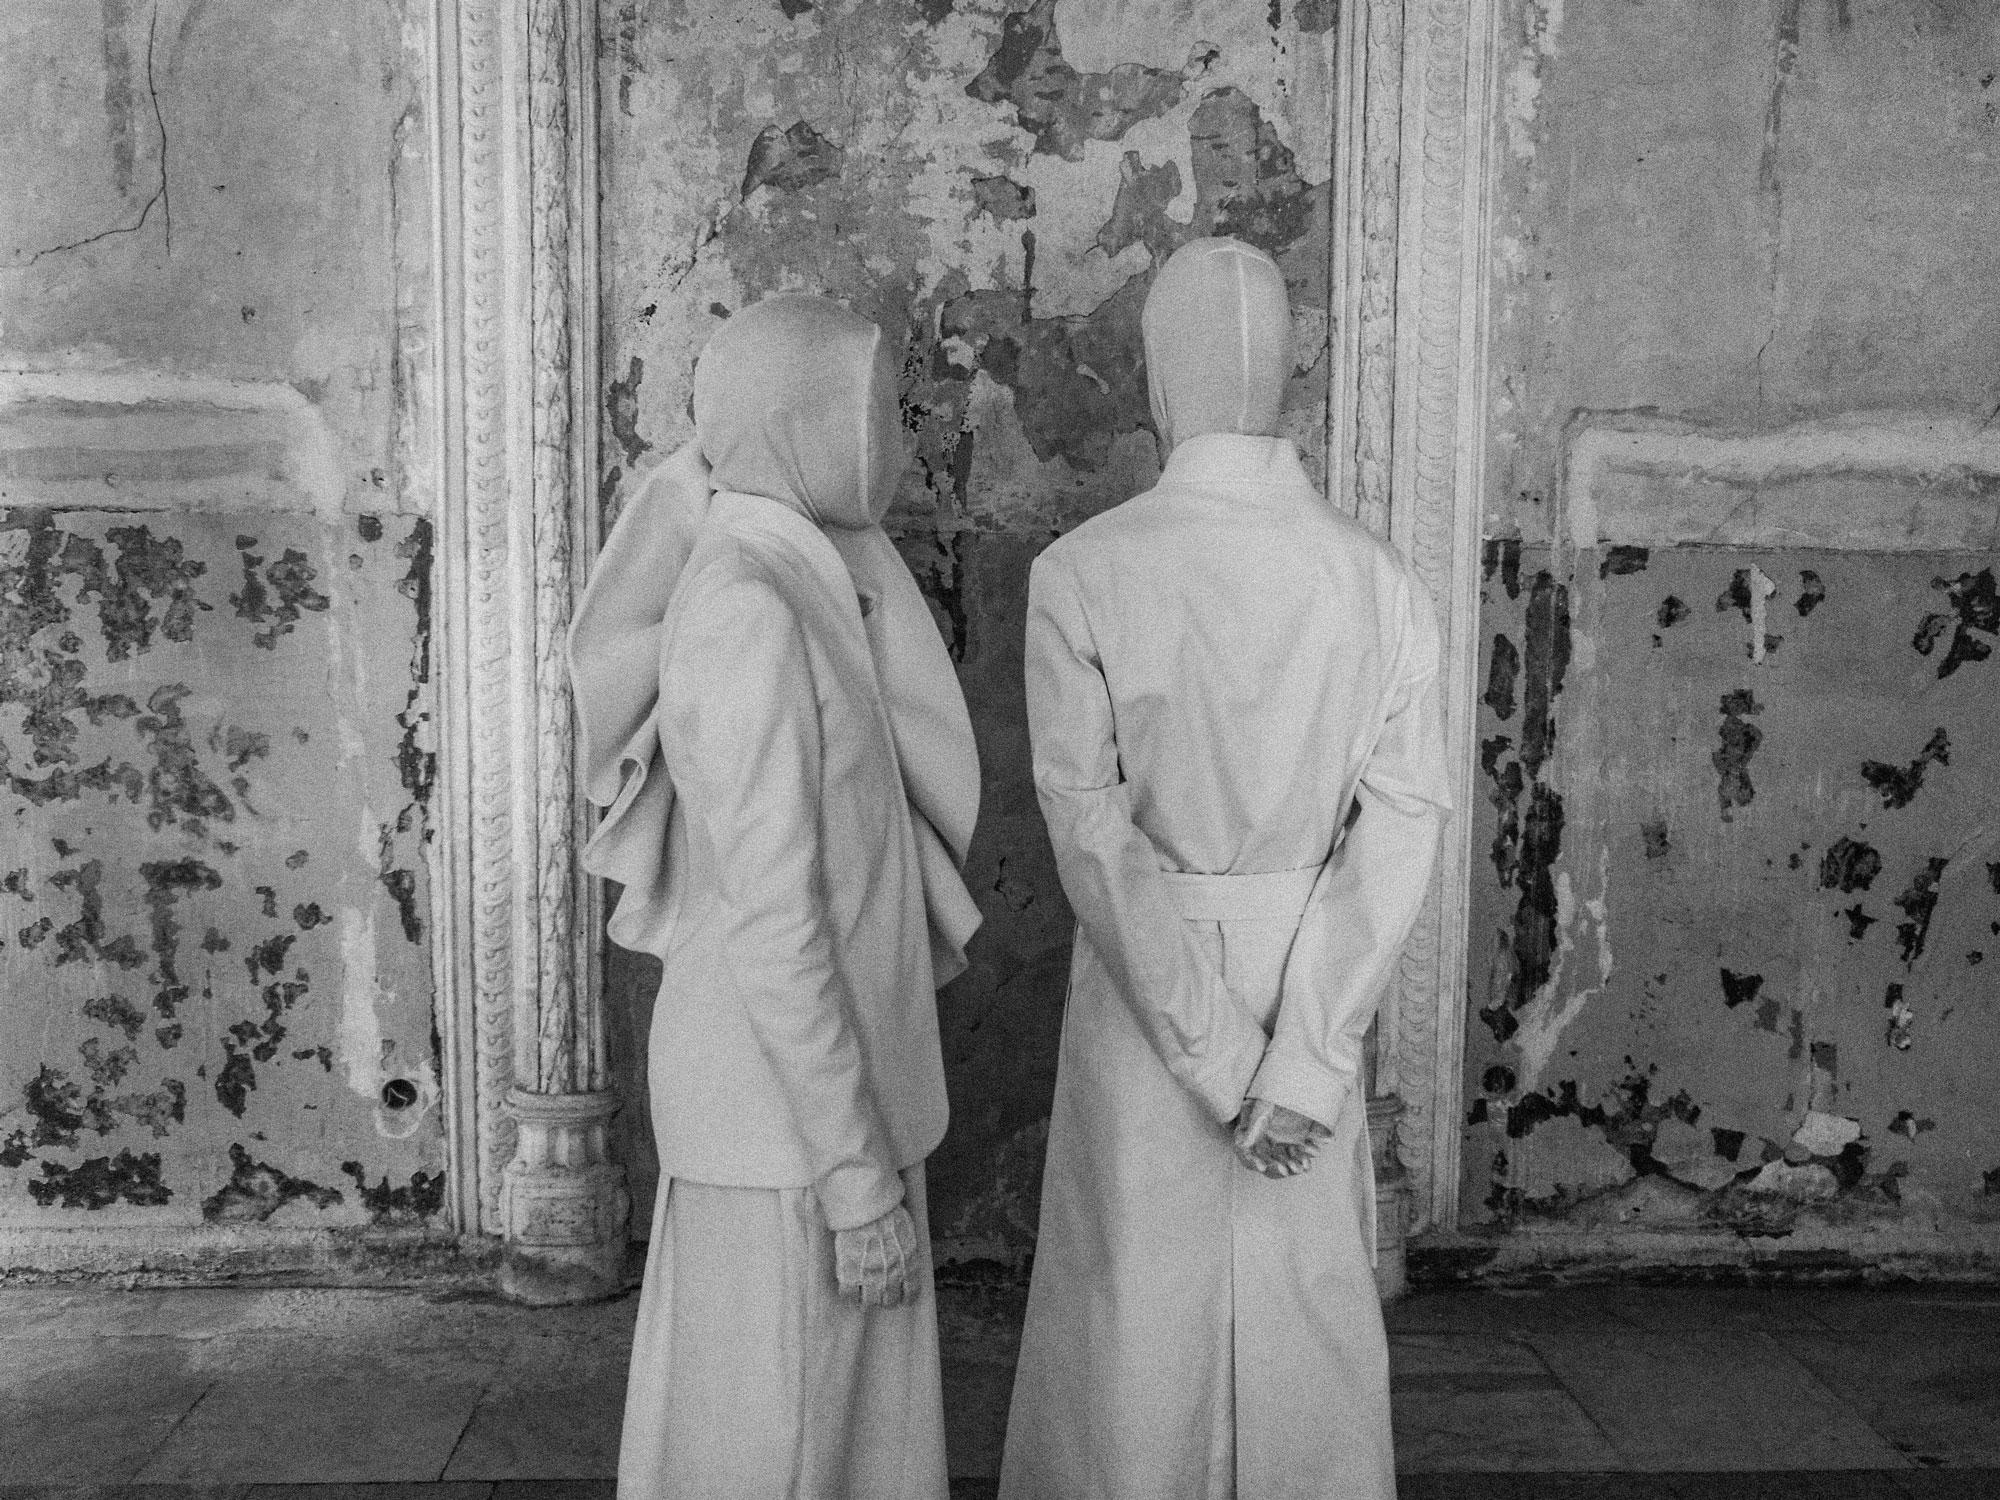 Мода, искусство и технологии: FINCH и Marianne Hollenstein представили уникальный перформанс (ВИДЕО) - фото №3